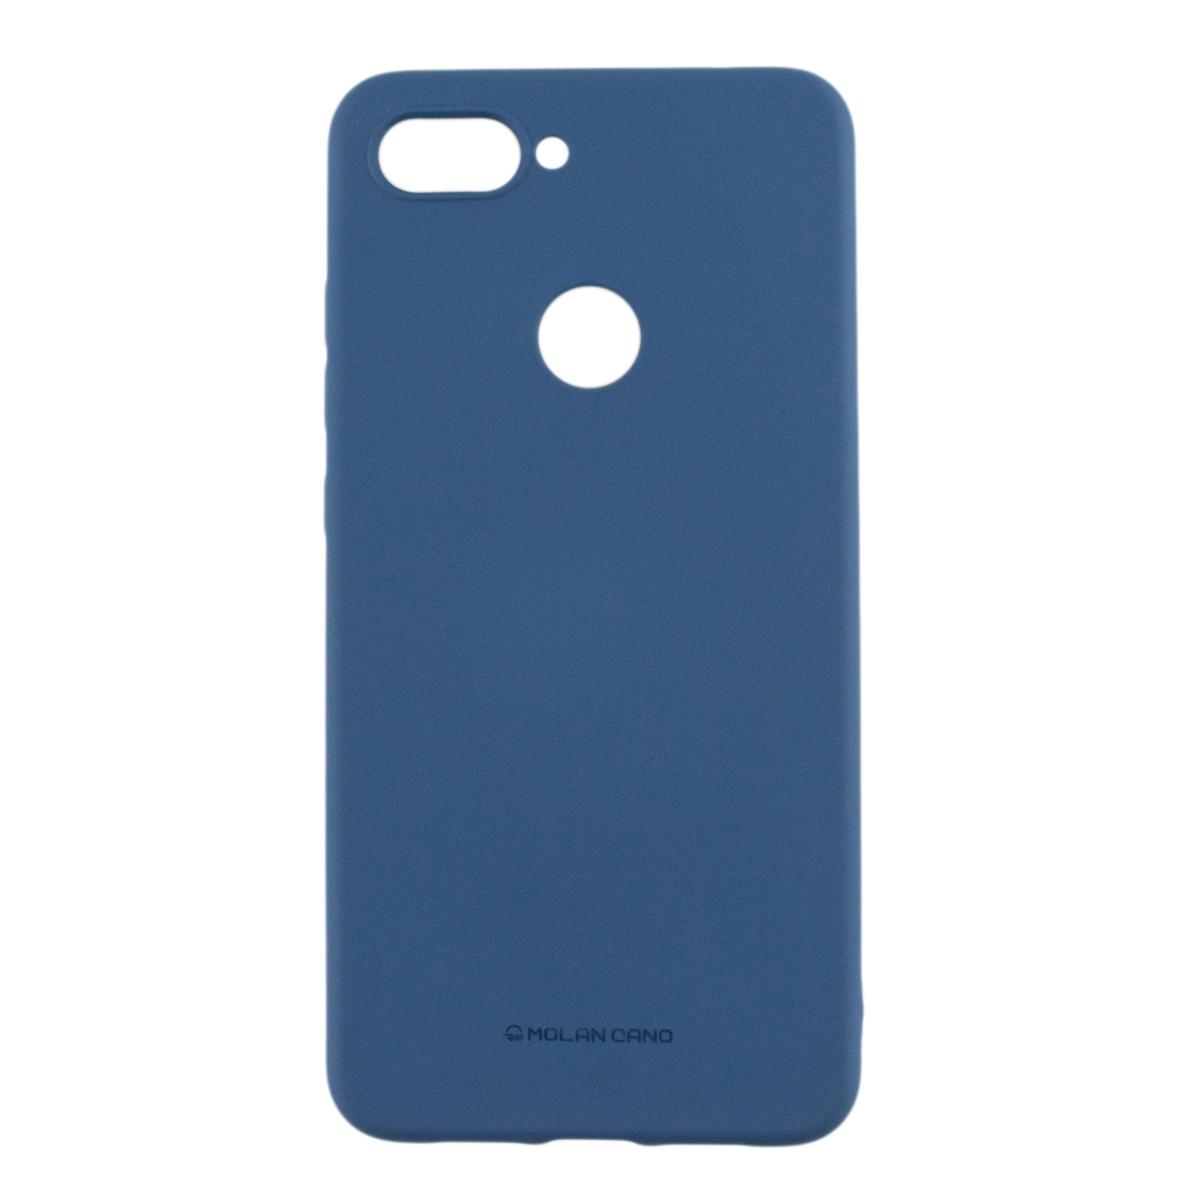 Силиконовый чехол накладка Molan Cano Jelly Case для Xiaomi Mi 8 Lite (blue)